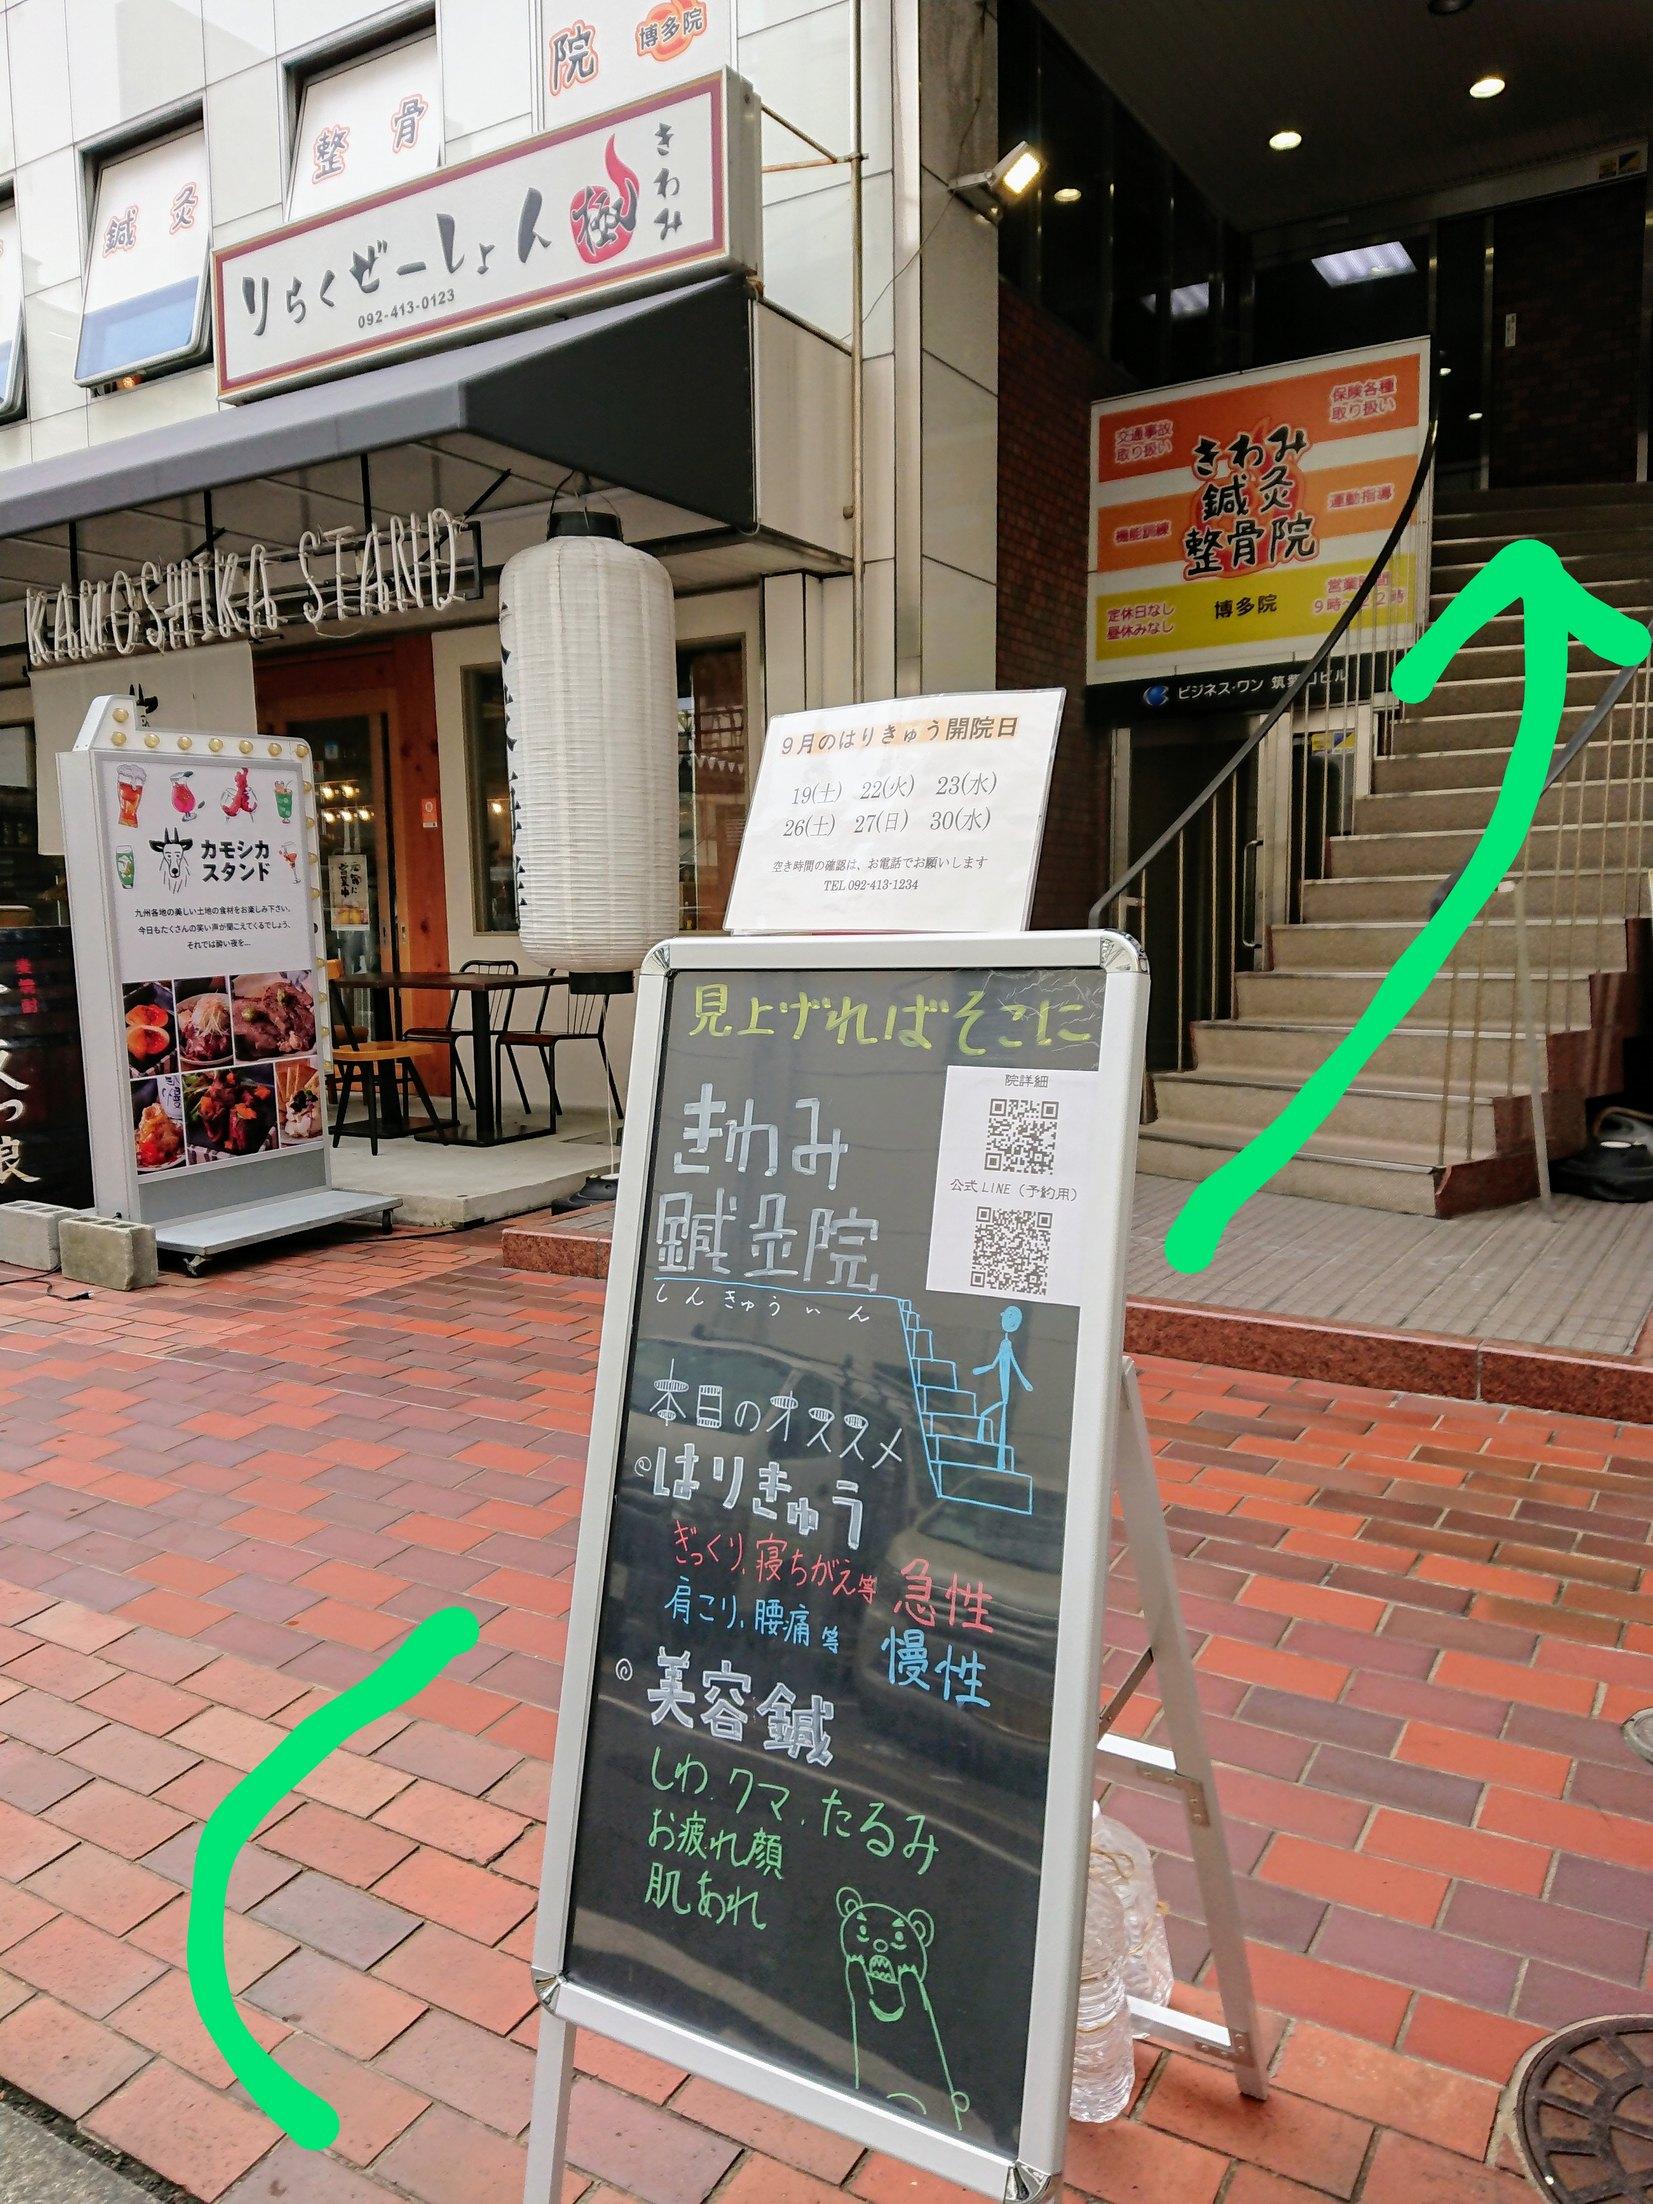 JR博多駅(筑紫口)から徒歩3分!院内の広い空間